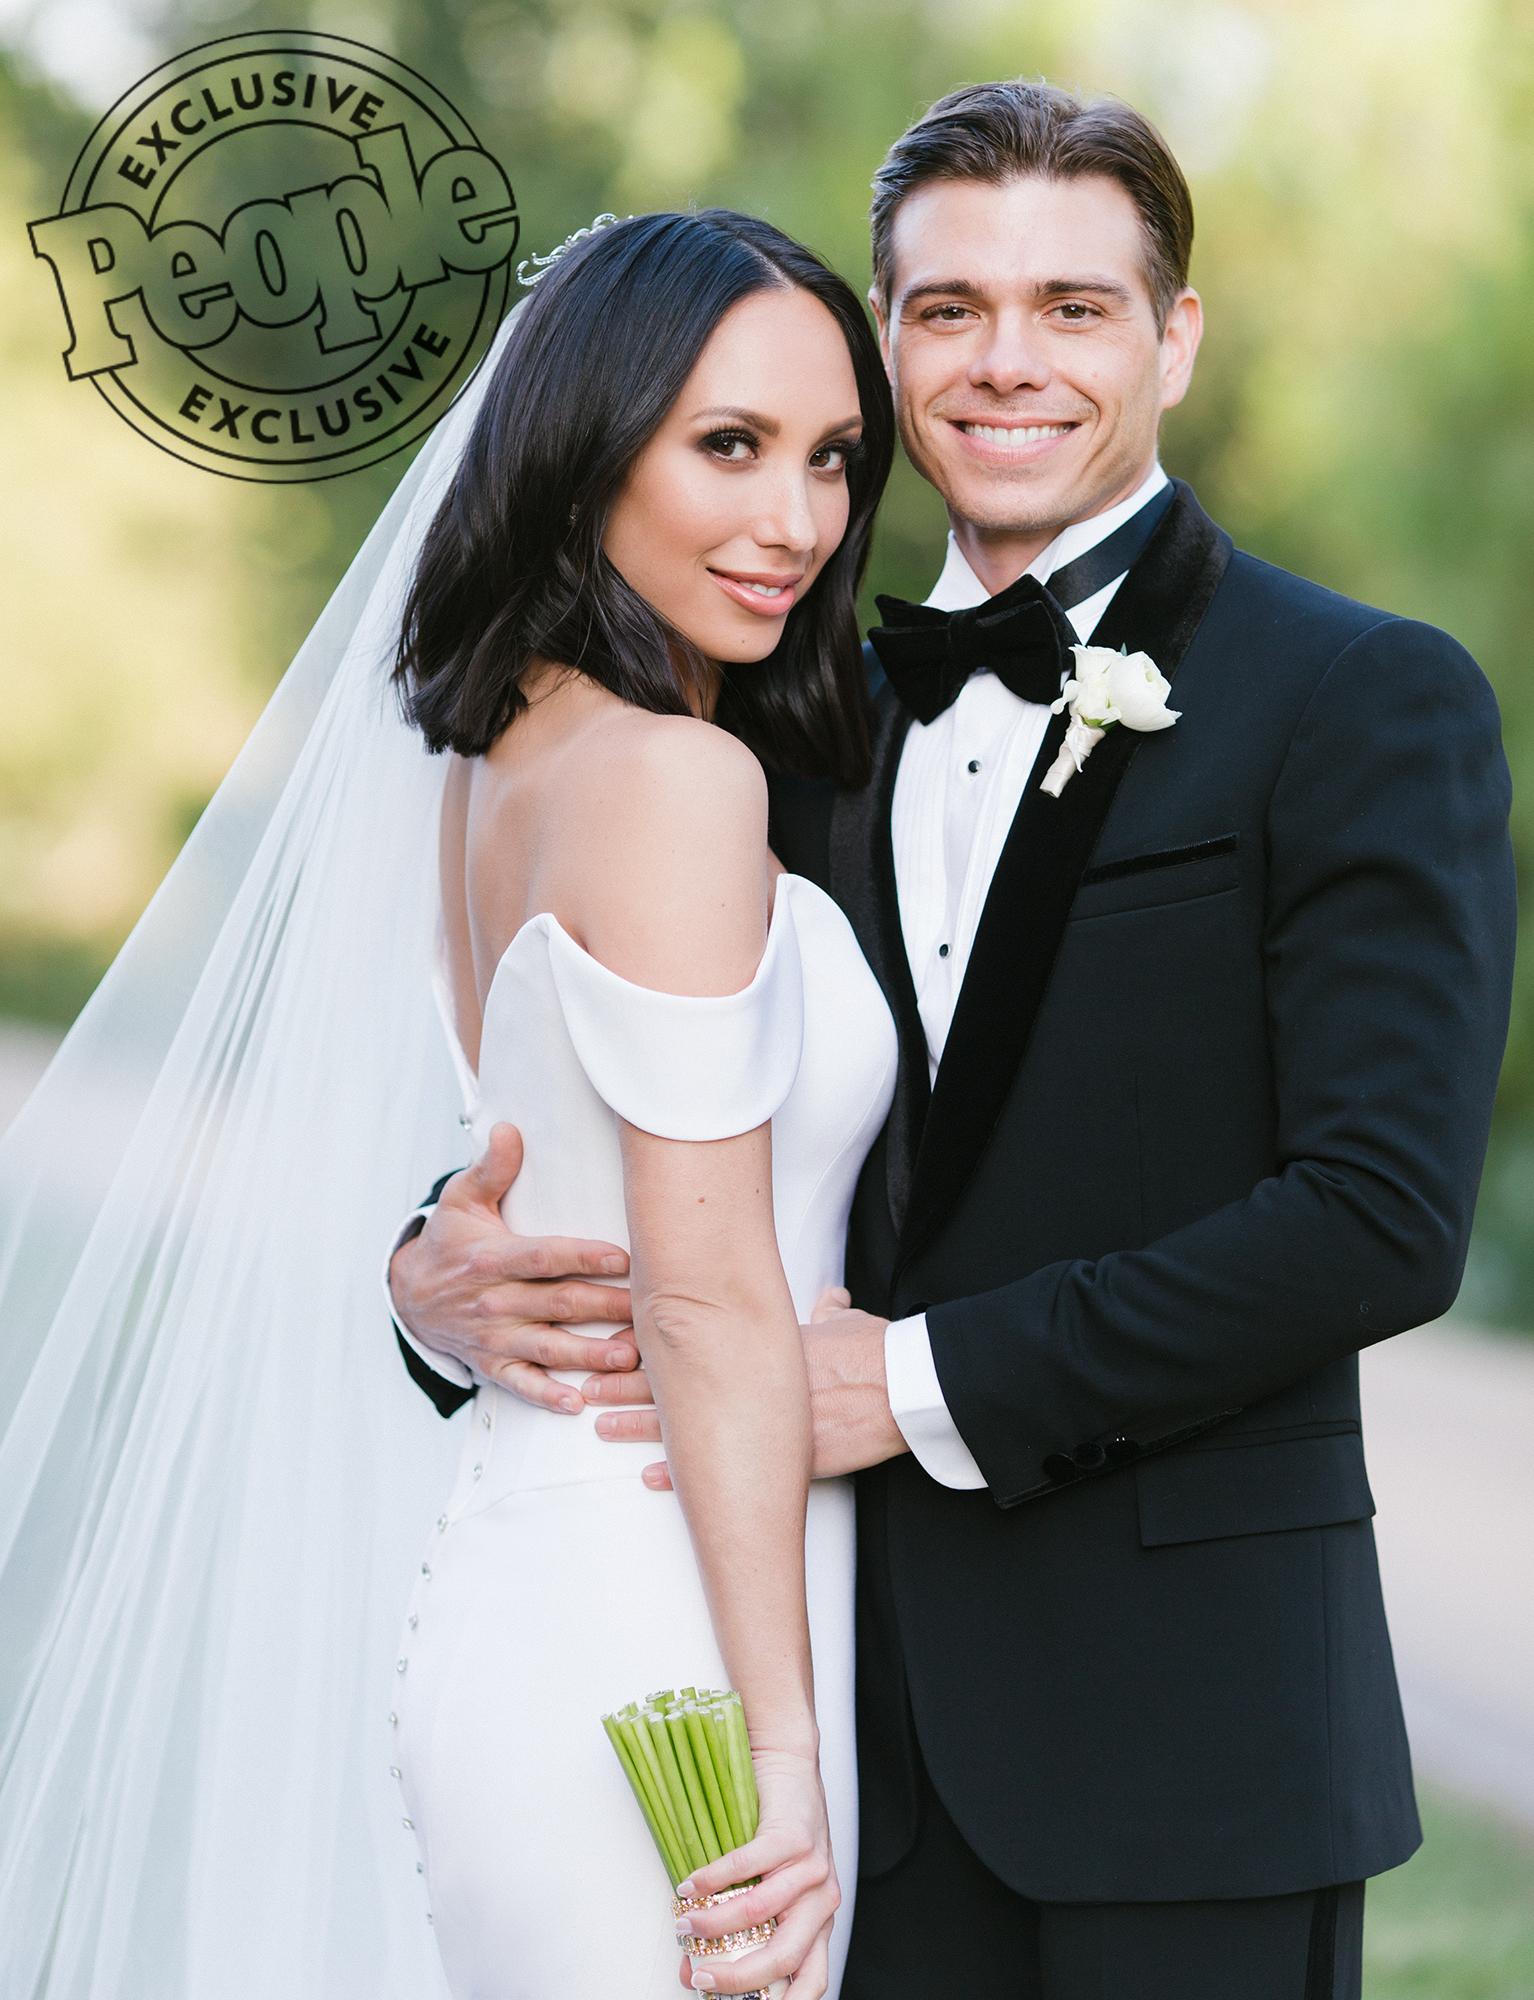 cheryl-wedding-social (1).jpg